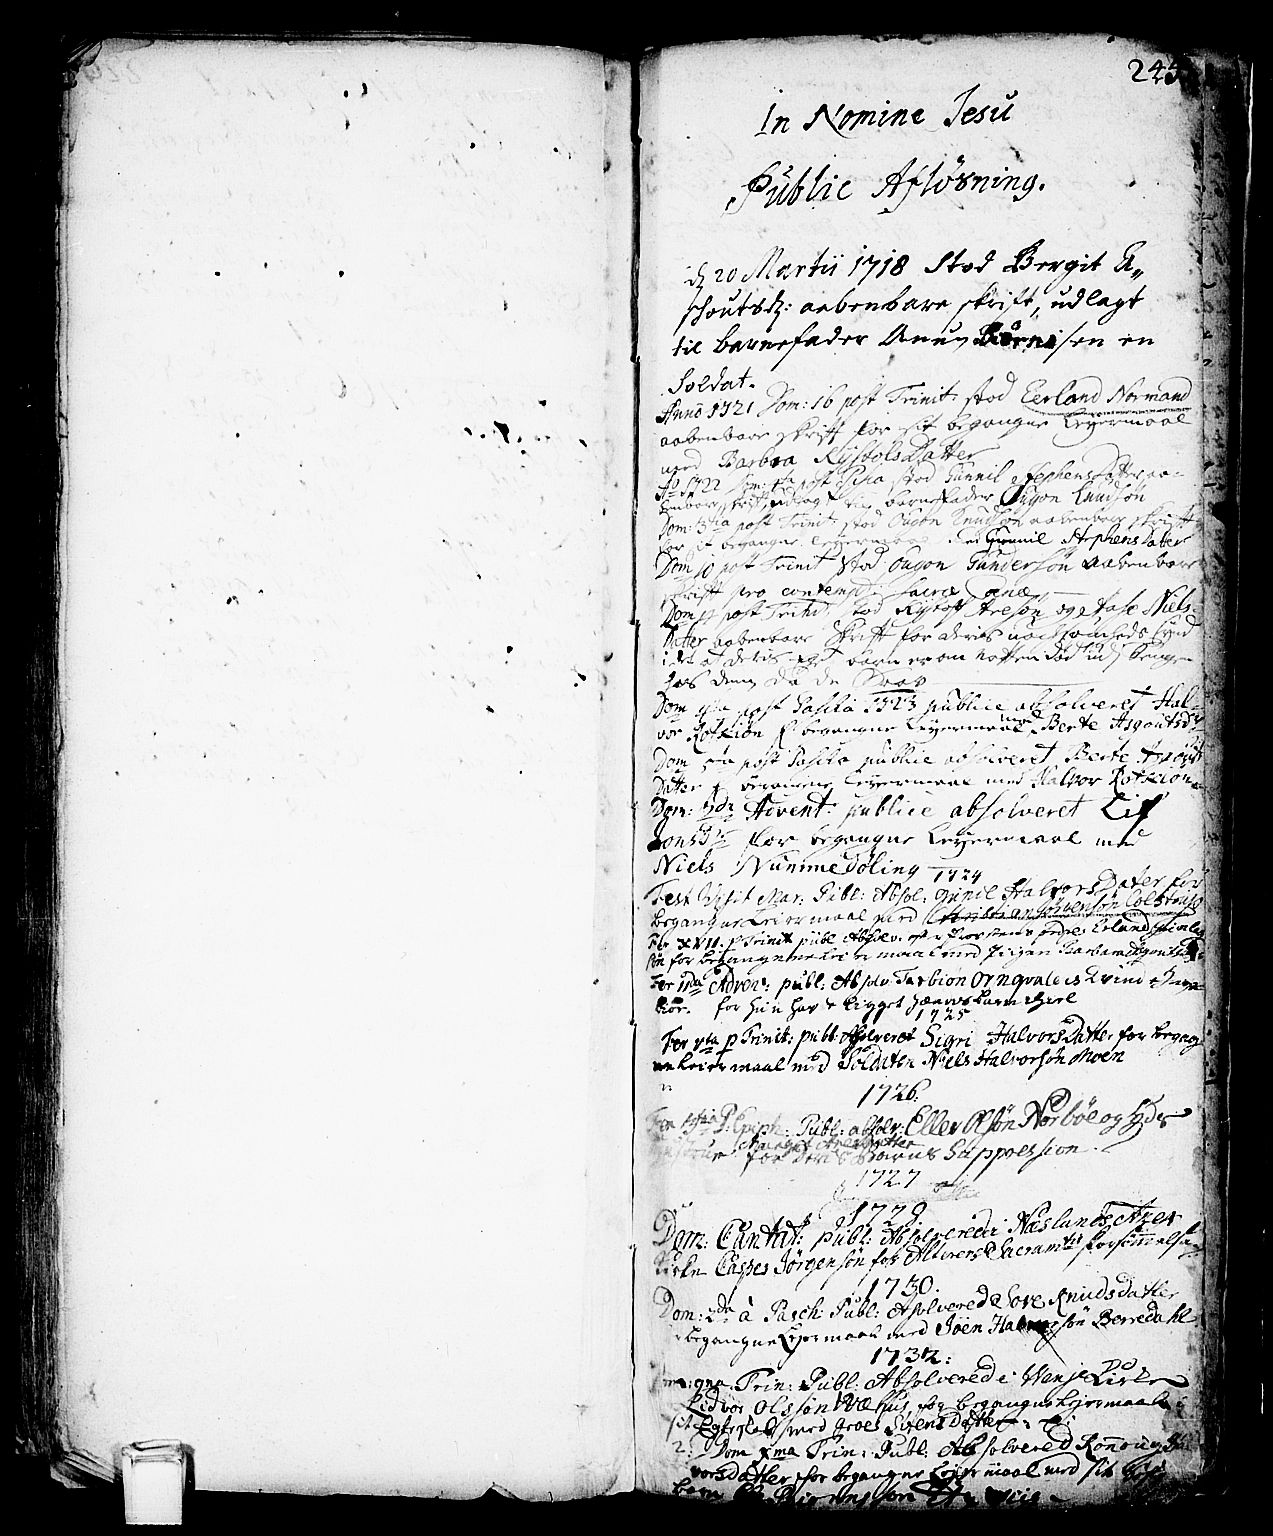 SAKO, Vinje kirkebøker, F/Fa/L0001: Ministerialbok nr. I 1, 1717-1766, s. 245